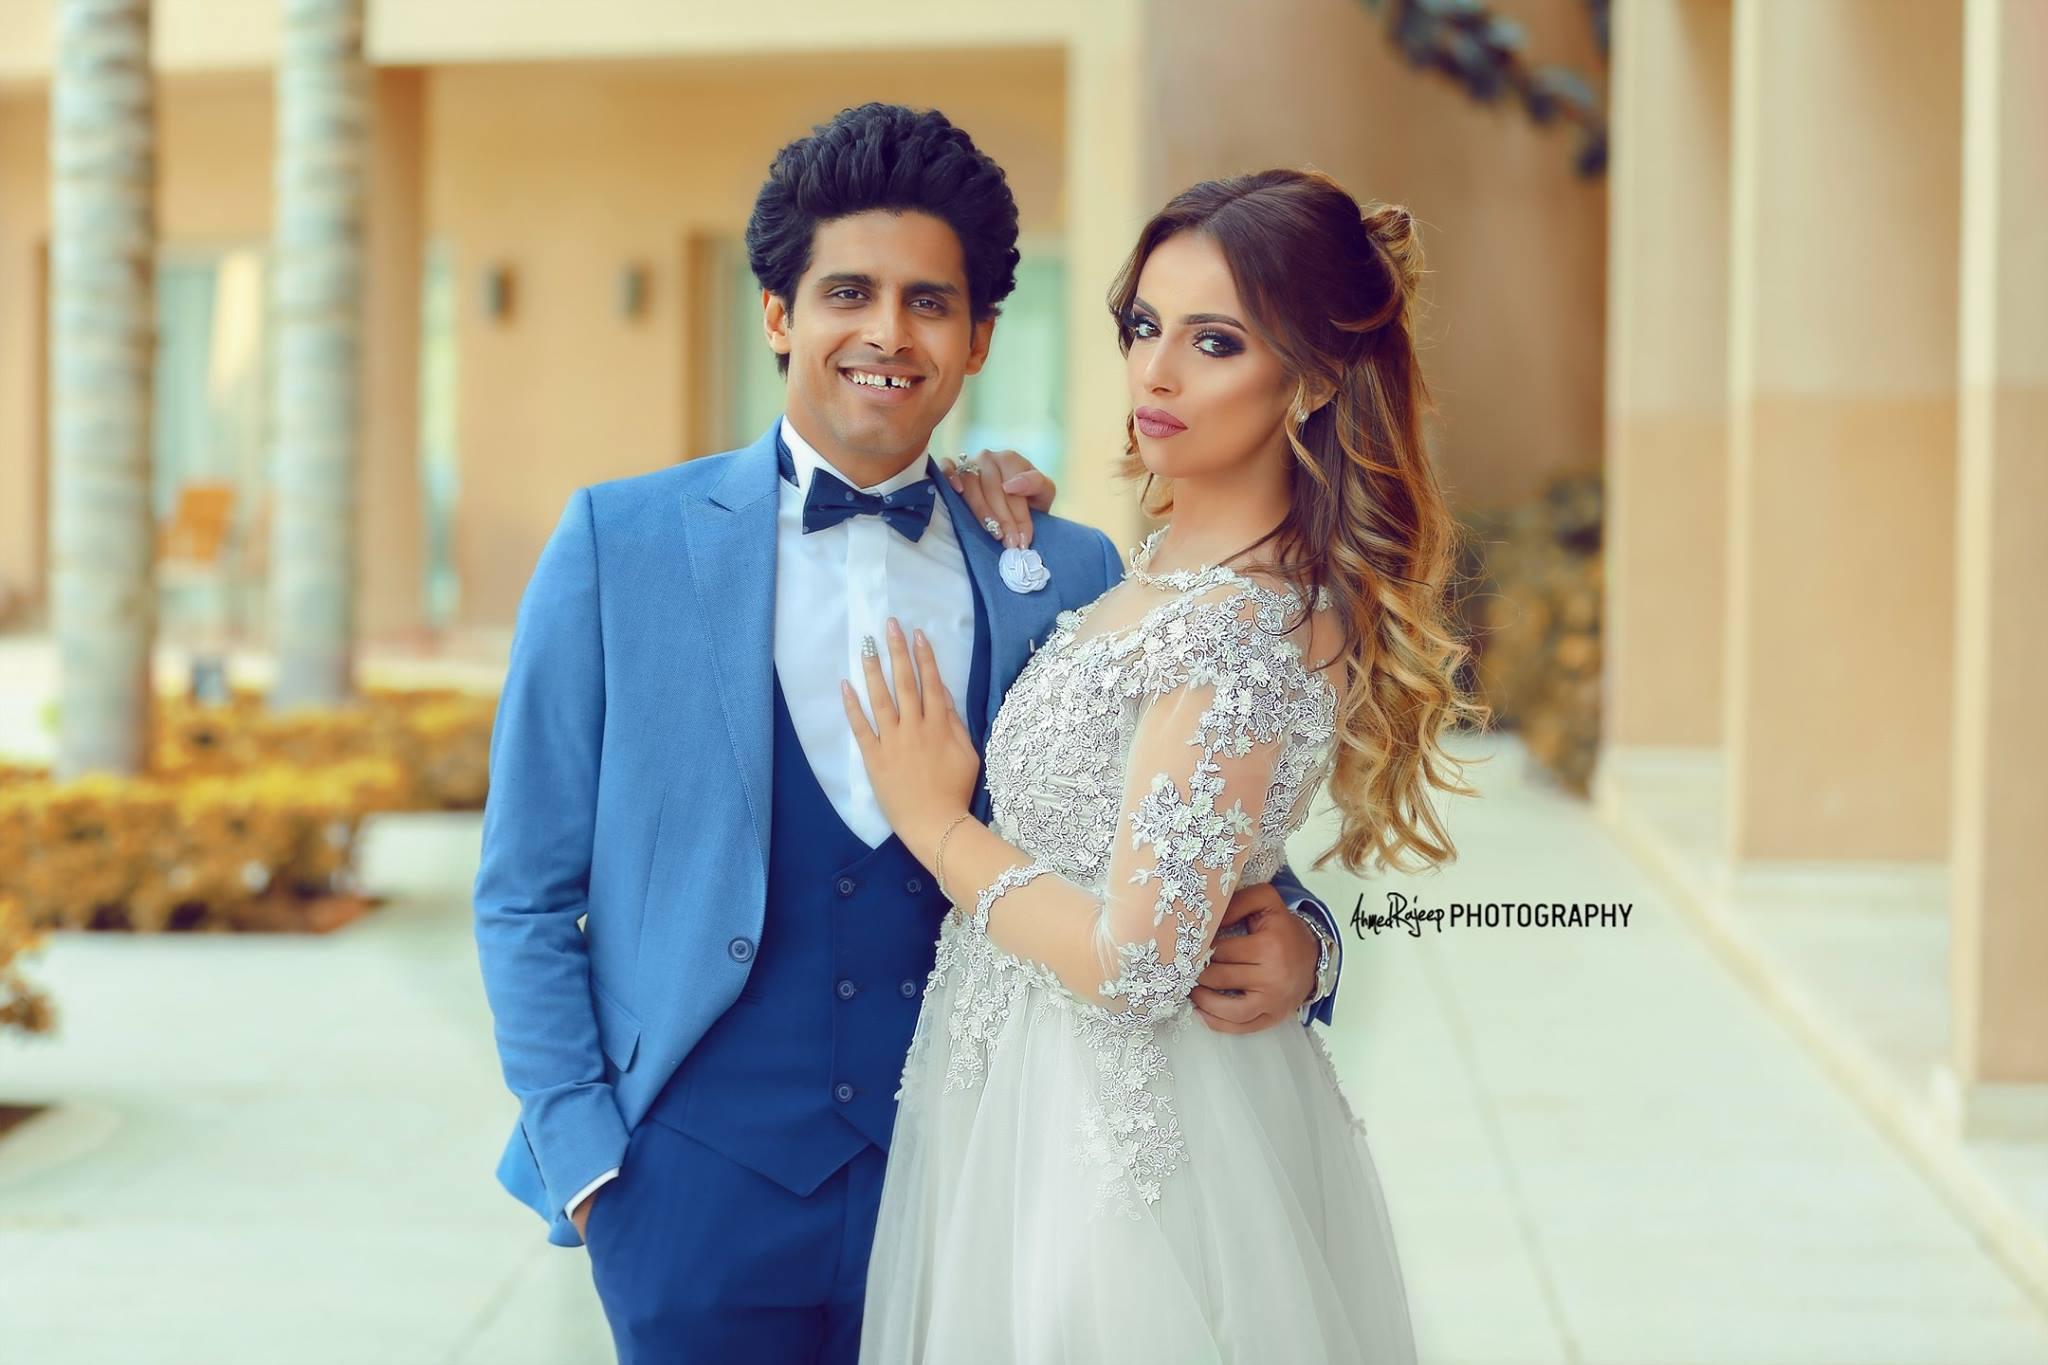 193712-جلسة-تصوير-حفل-زفاف-حمدى-الميرغنى-واسراء-عبد-الفتاح-(22)